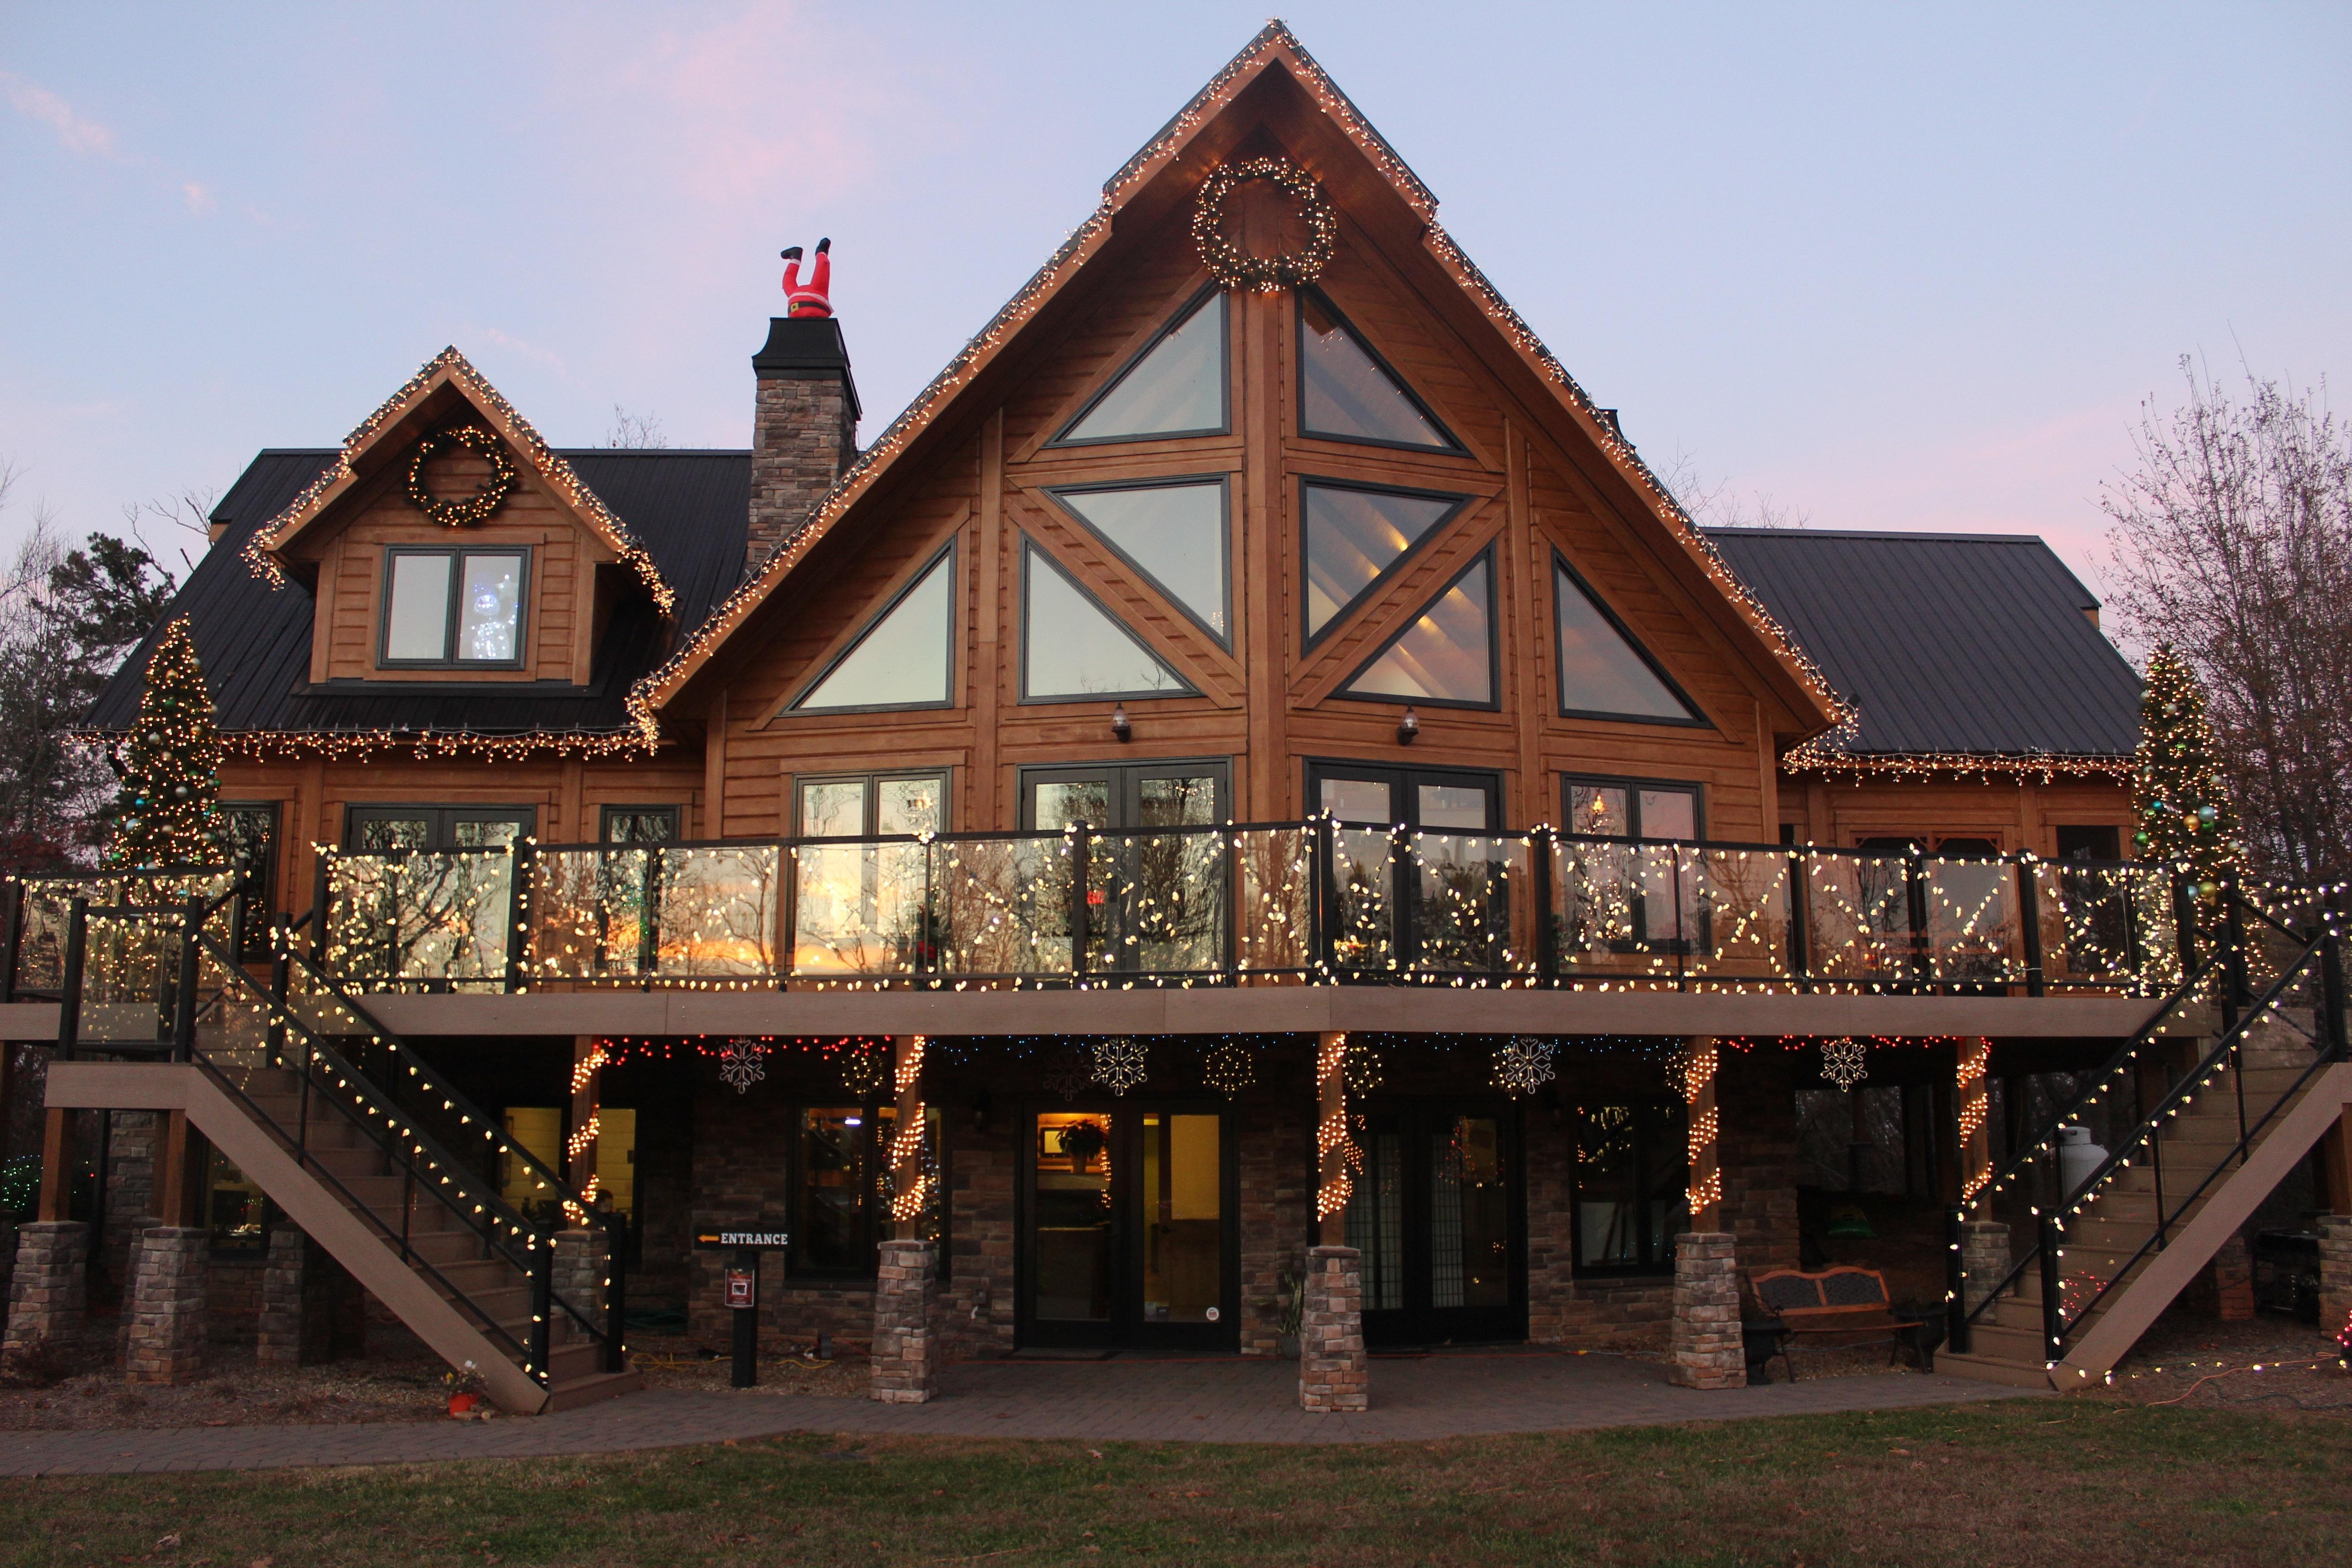 TImber Block North Carolina Christmas Light